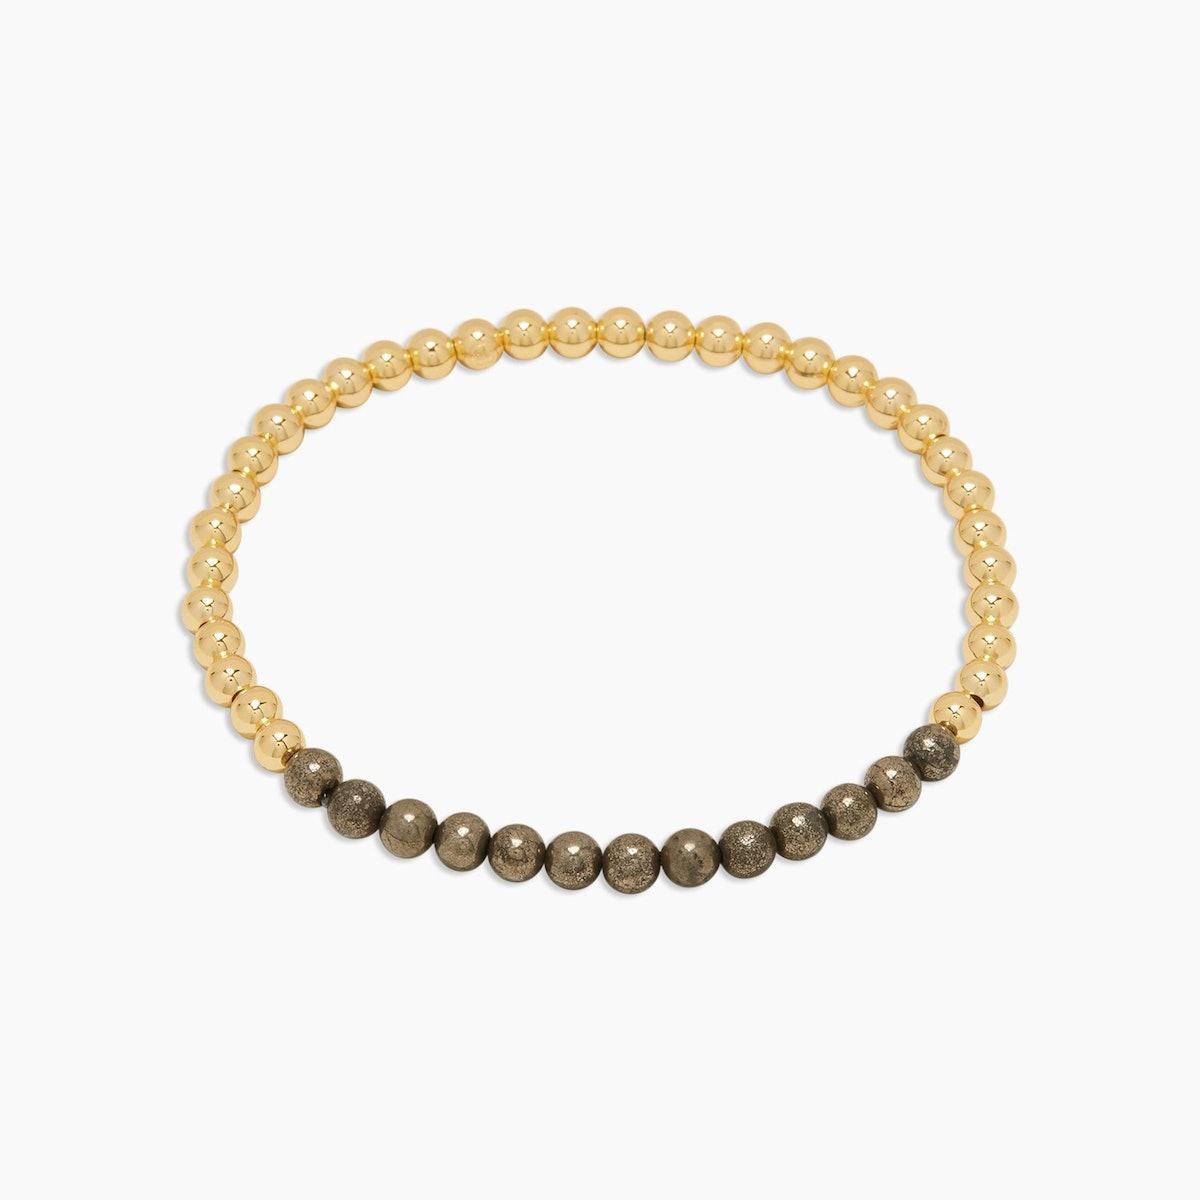 Power Gemstone Aura Bracelet for Strength